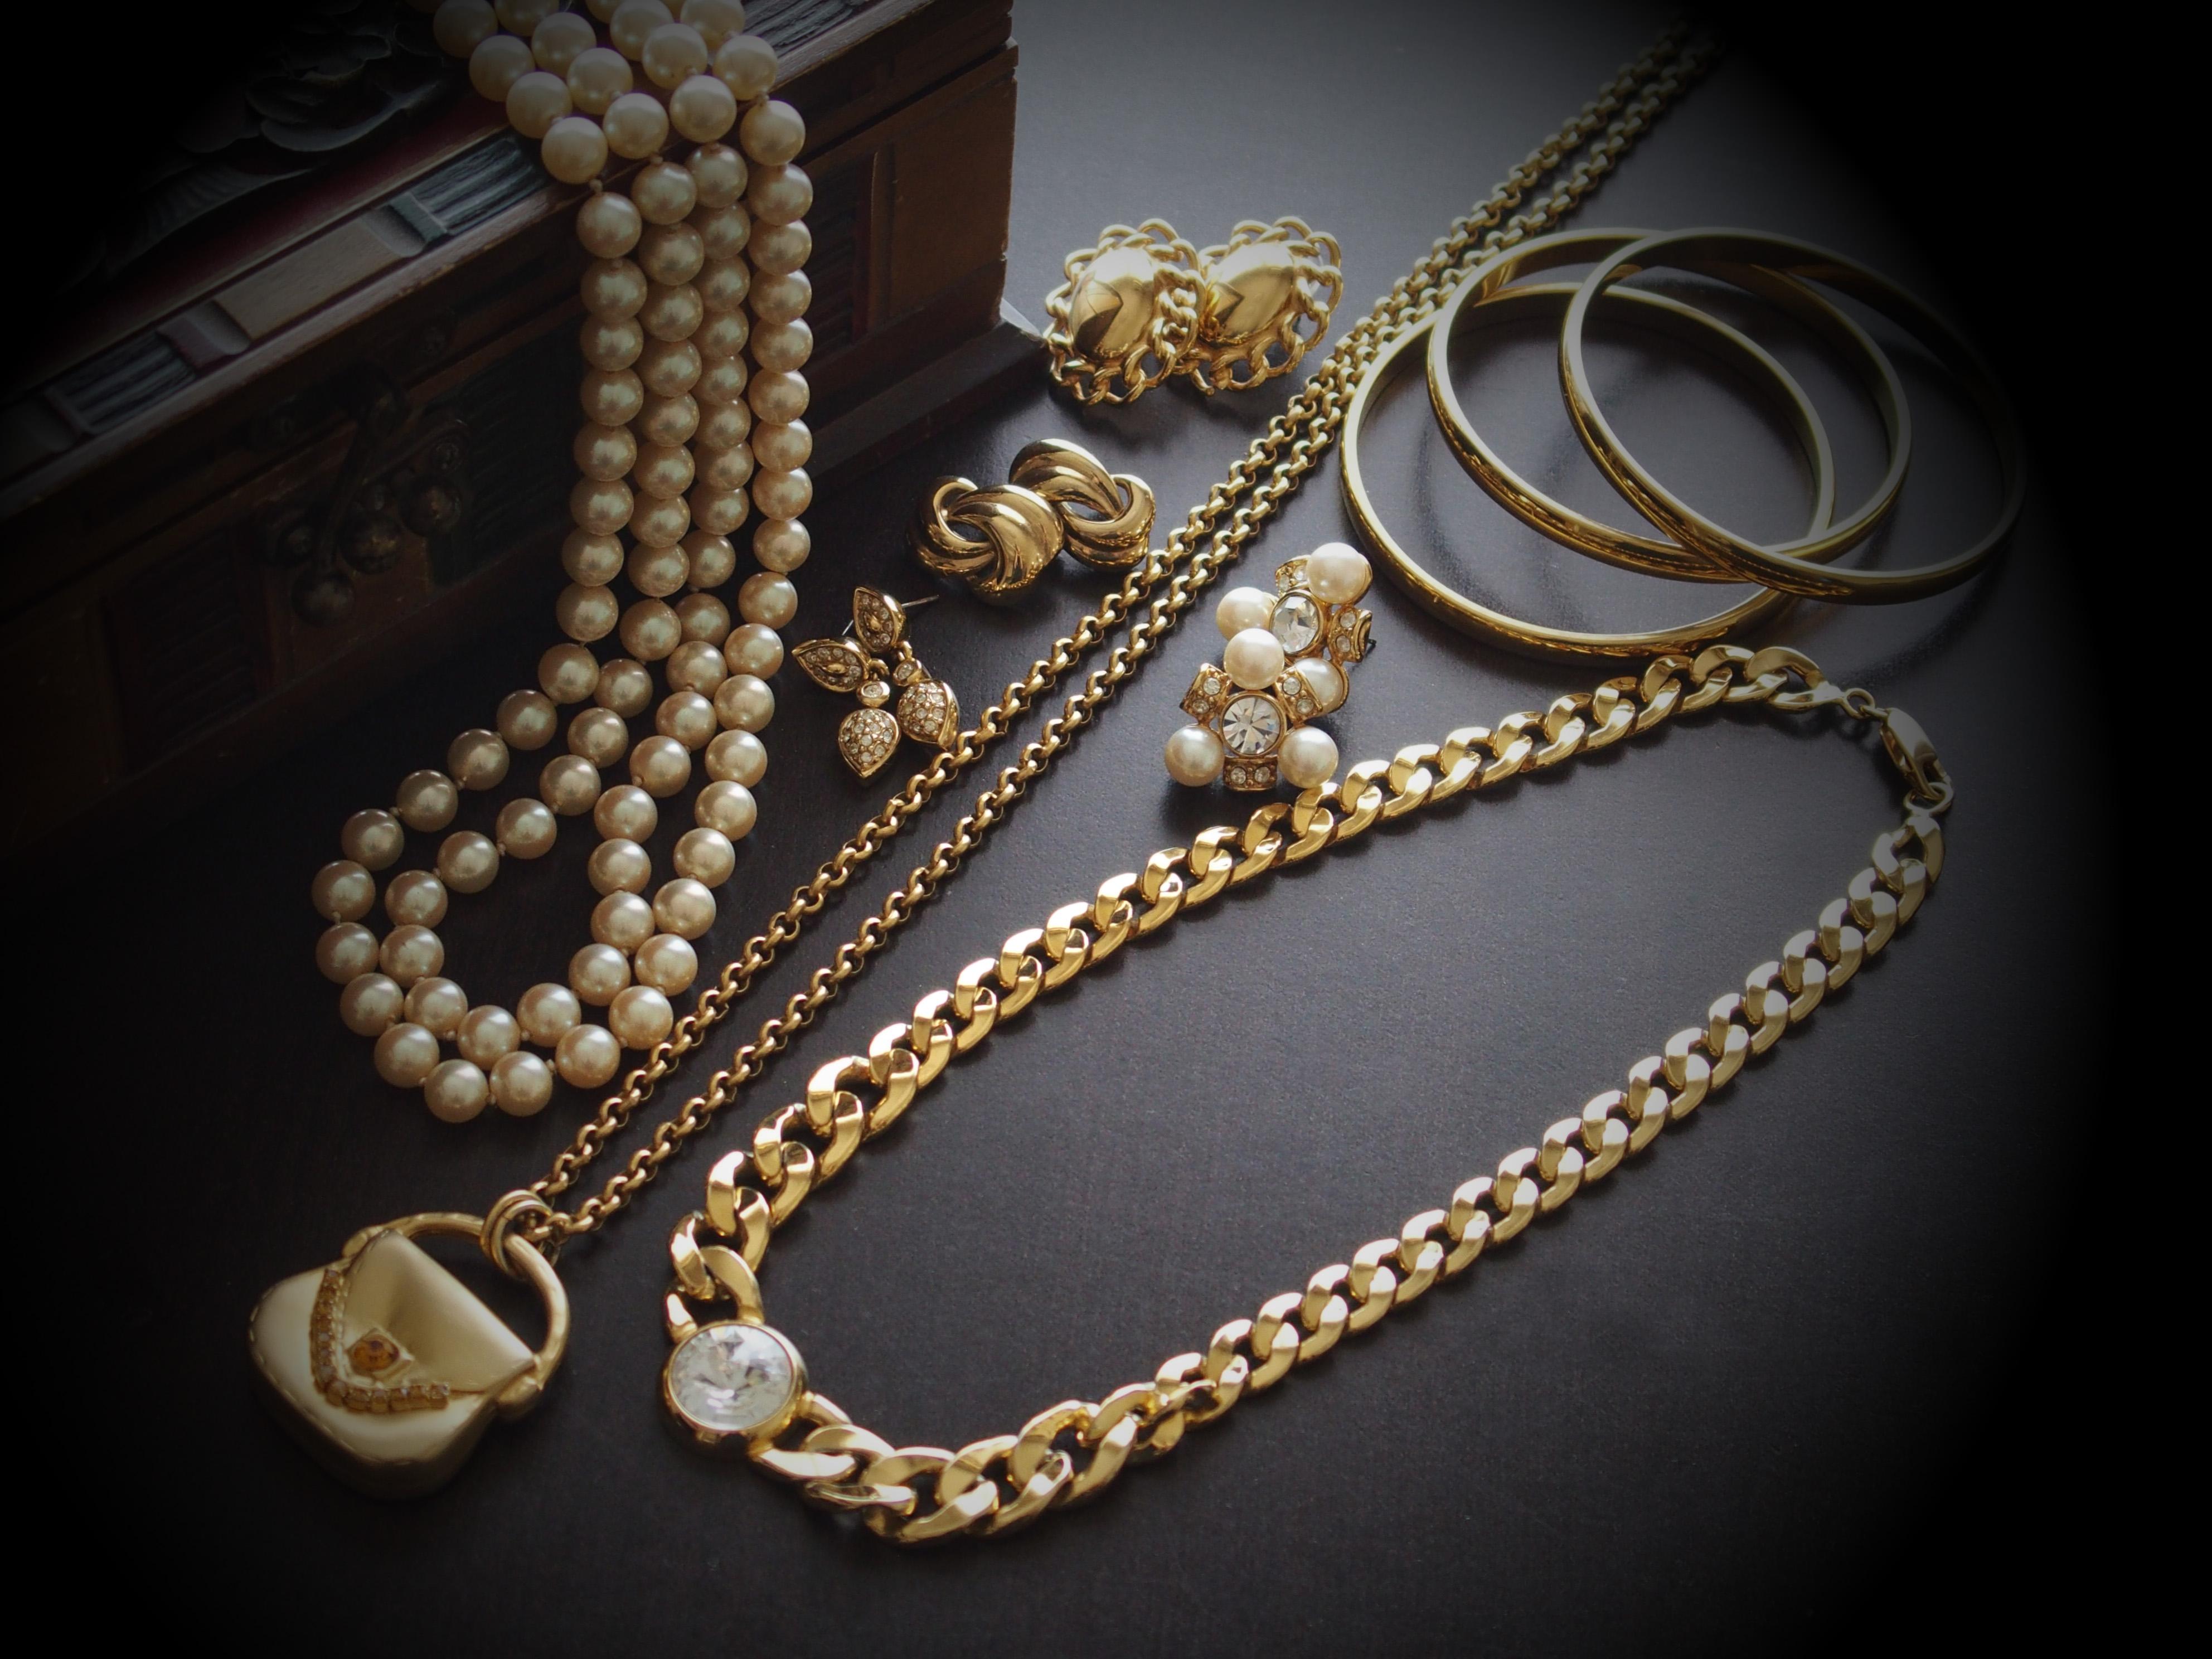 真珠ネックレス 金の喜平チェーン 金のブレスレット 金のチェーンネックレス 宝石箱